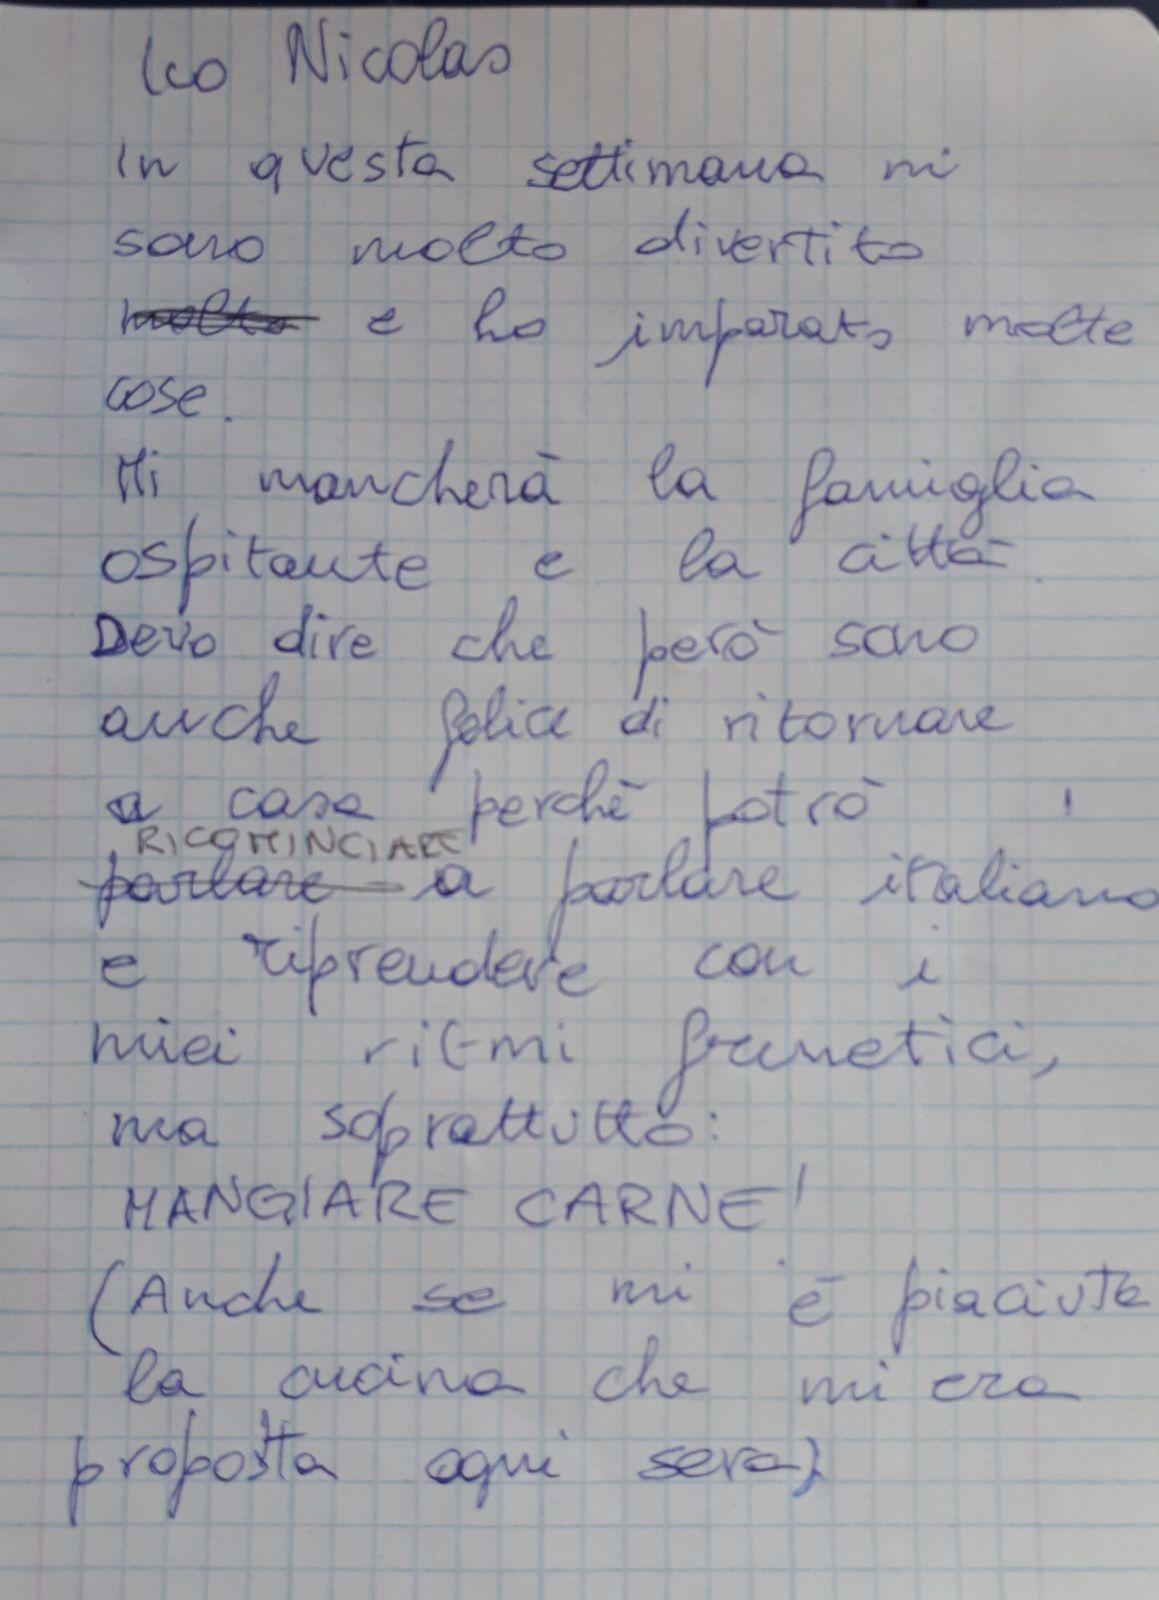 Sixième journée: Toulouse - Aix-en-Provence - Villasanta